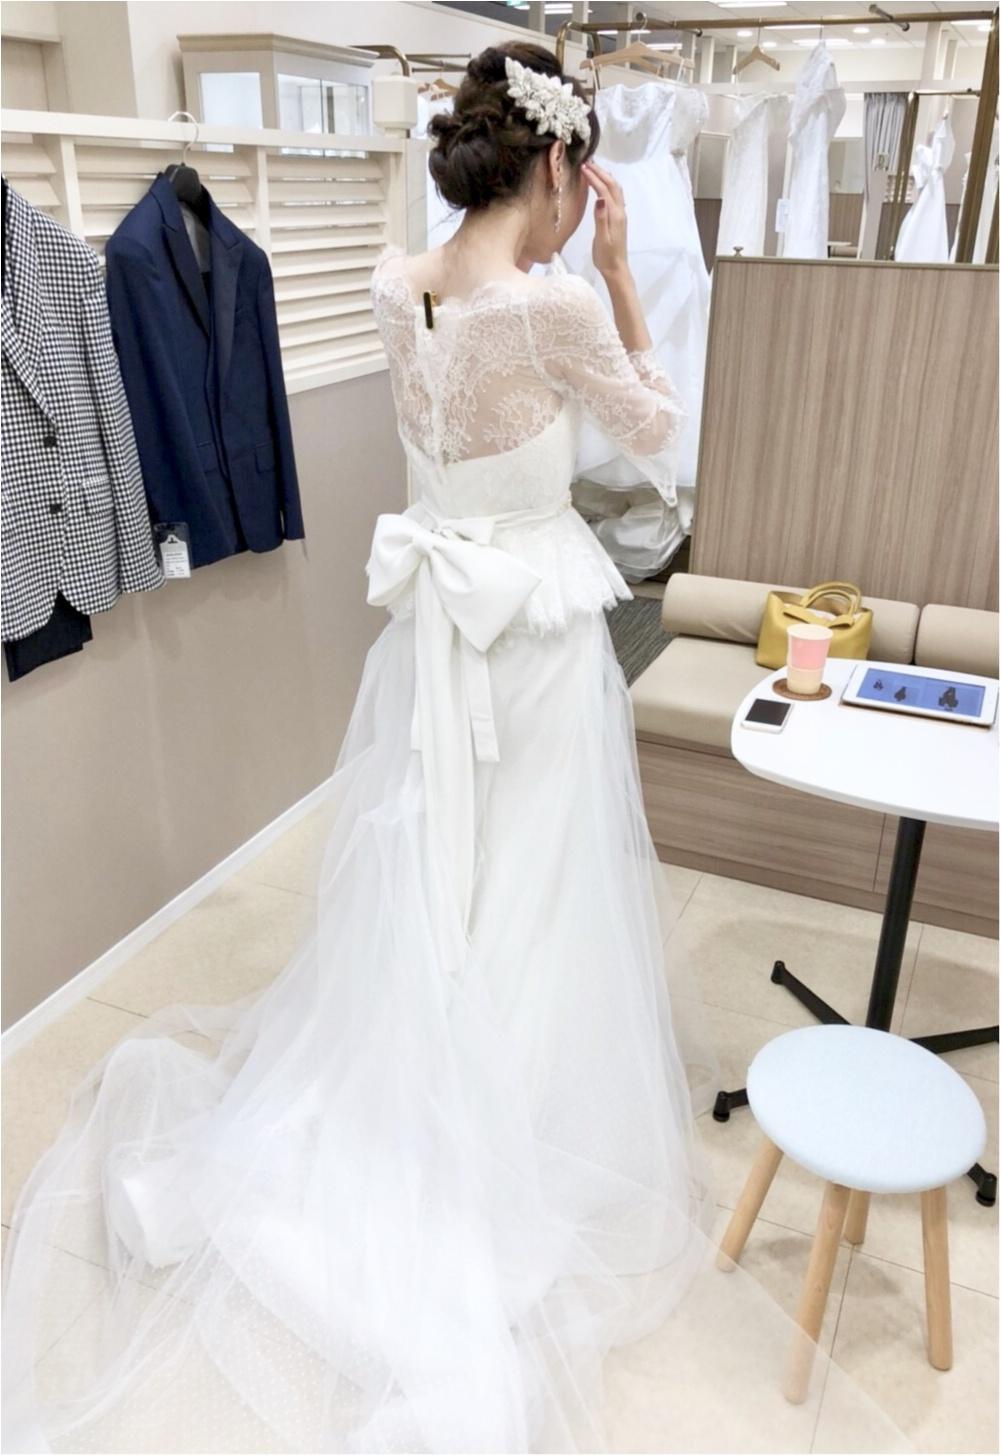 結婚式特集《ウェディングドレス編》- 20代に人気の種類やブランドは?_19